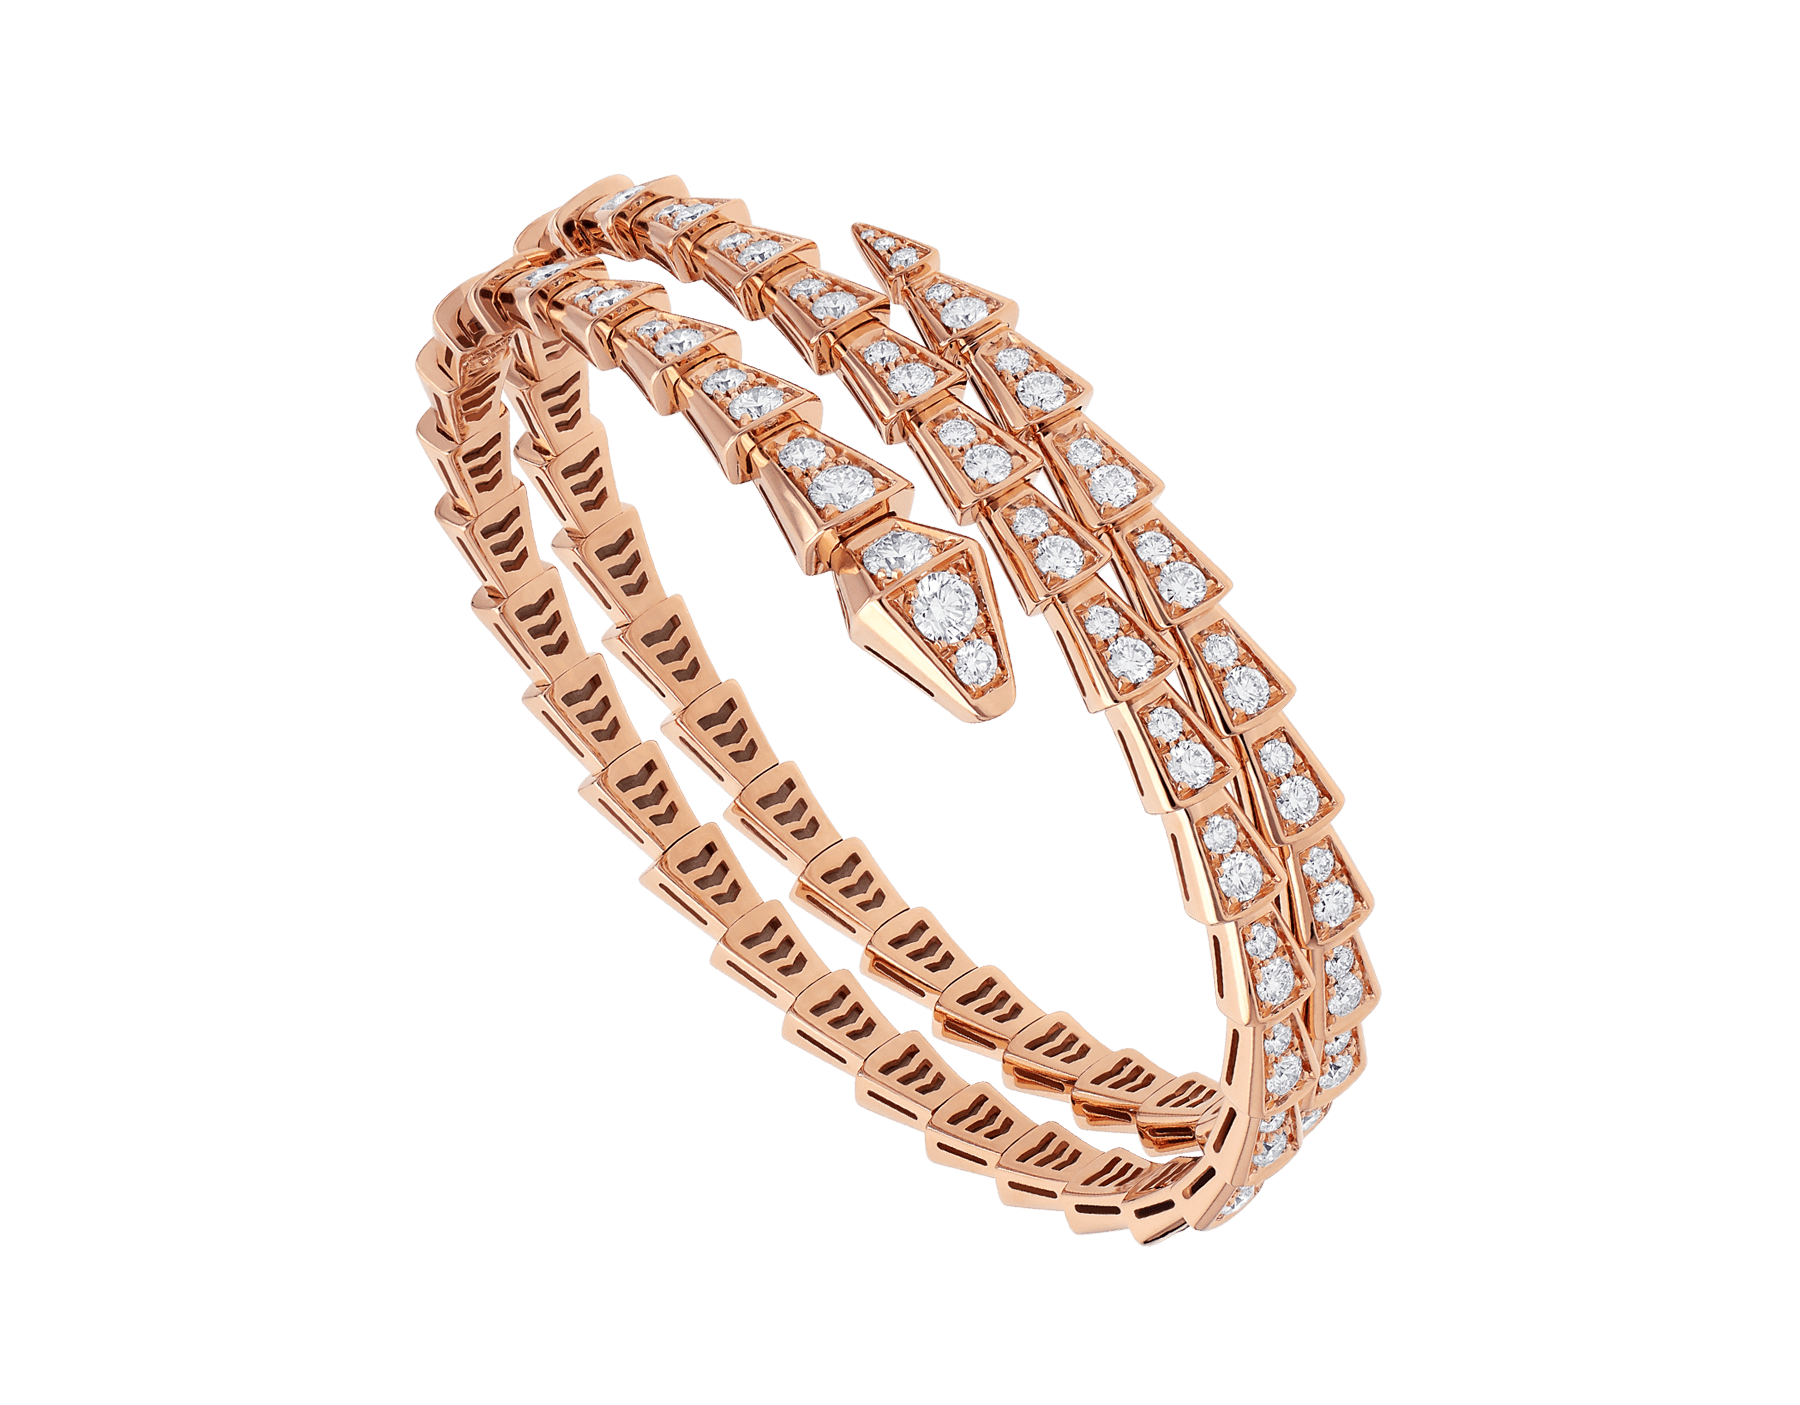 18 K ピンクゴールド製セルペンティ ヴァイパー ダブルコイルブレスレット。パヴェダイヤモンドをあしらいました。 BR858796 image 1